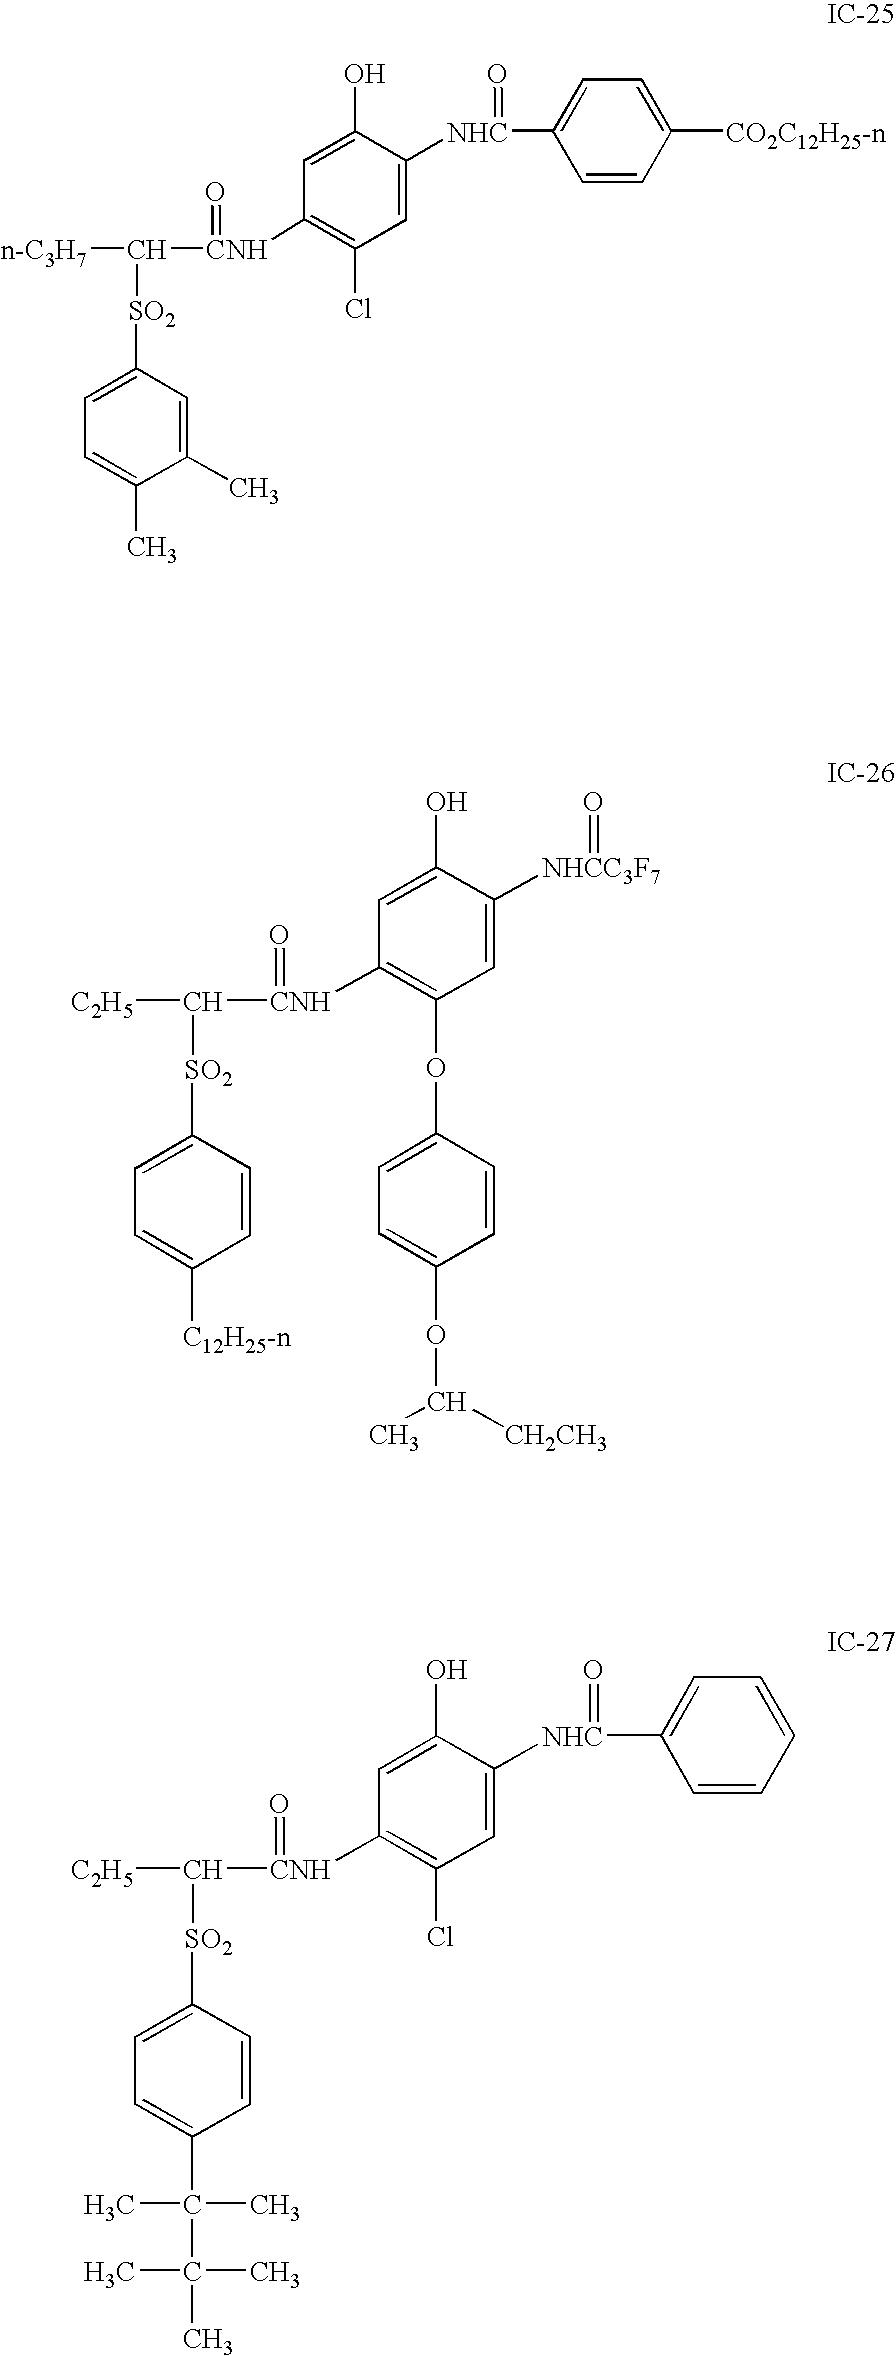 Figure US07153620-20061226-C00012